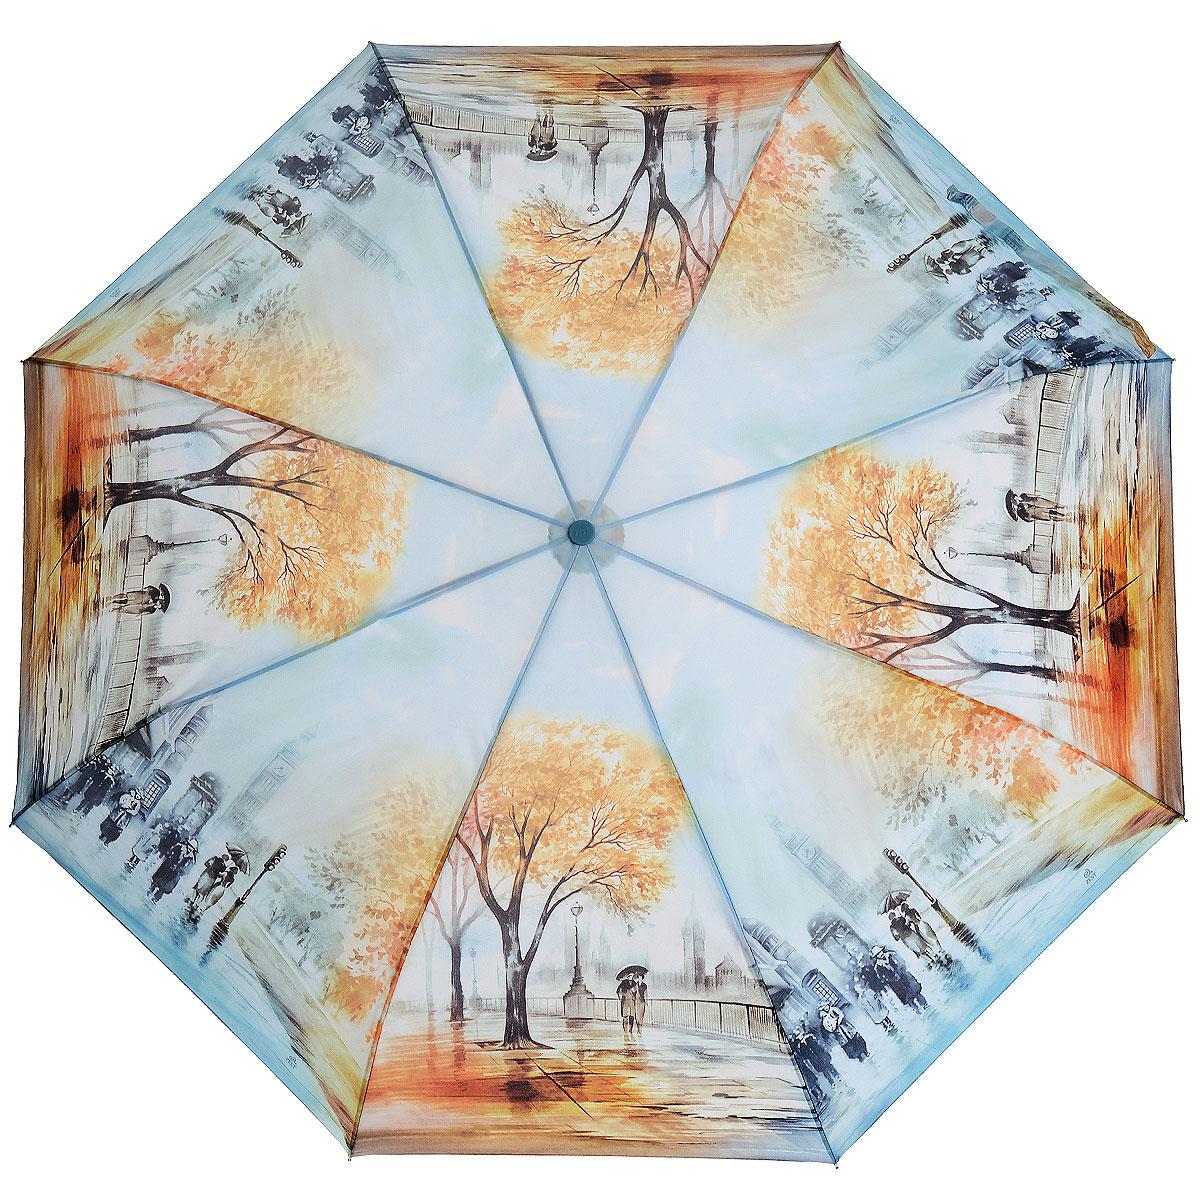 Зонт Zest, автомат, 3 сложения, цвет: голубой. 239555-86239555-86Стильный автоматический зонт Zest в 3 сложения, даже в ненастную погоду позволит Вам оставаться стильной и элегантной. Детали каркаса изготовлены из высокопрочных материалов с покрытием, исключающим коррозию. Рукоятка разработана с учетом требований эргономики и выполнена из прорезиненного пластика. Зонт имеет полный автоматический механизм сложения: купол открывается и закрывается нажатием кнопки на рукоятке, стержень складывается вручную до характерного щелчка, благодаря чему открыть и закрыть зонт можно одной рукой, что чрезвычайно удобно при входе в транспорт или помещение. Специальная система защищает зонт от поломок при сильном ветре. Купол зонта выполнен из прочного полиэстера и оформлен оригинальным рисунком. Стойкие красители и пропитка ткани купола обеспечивают длительное сохранение свойств зонта. На рукоятке для удобства есть небольшой шнурок, позволяющий надеть зонт на руку тогда, когда это будет необходимо. Компактные размеры зонта в...